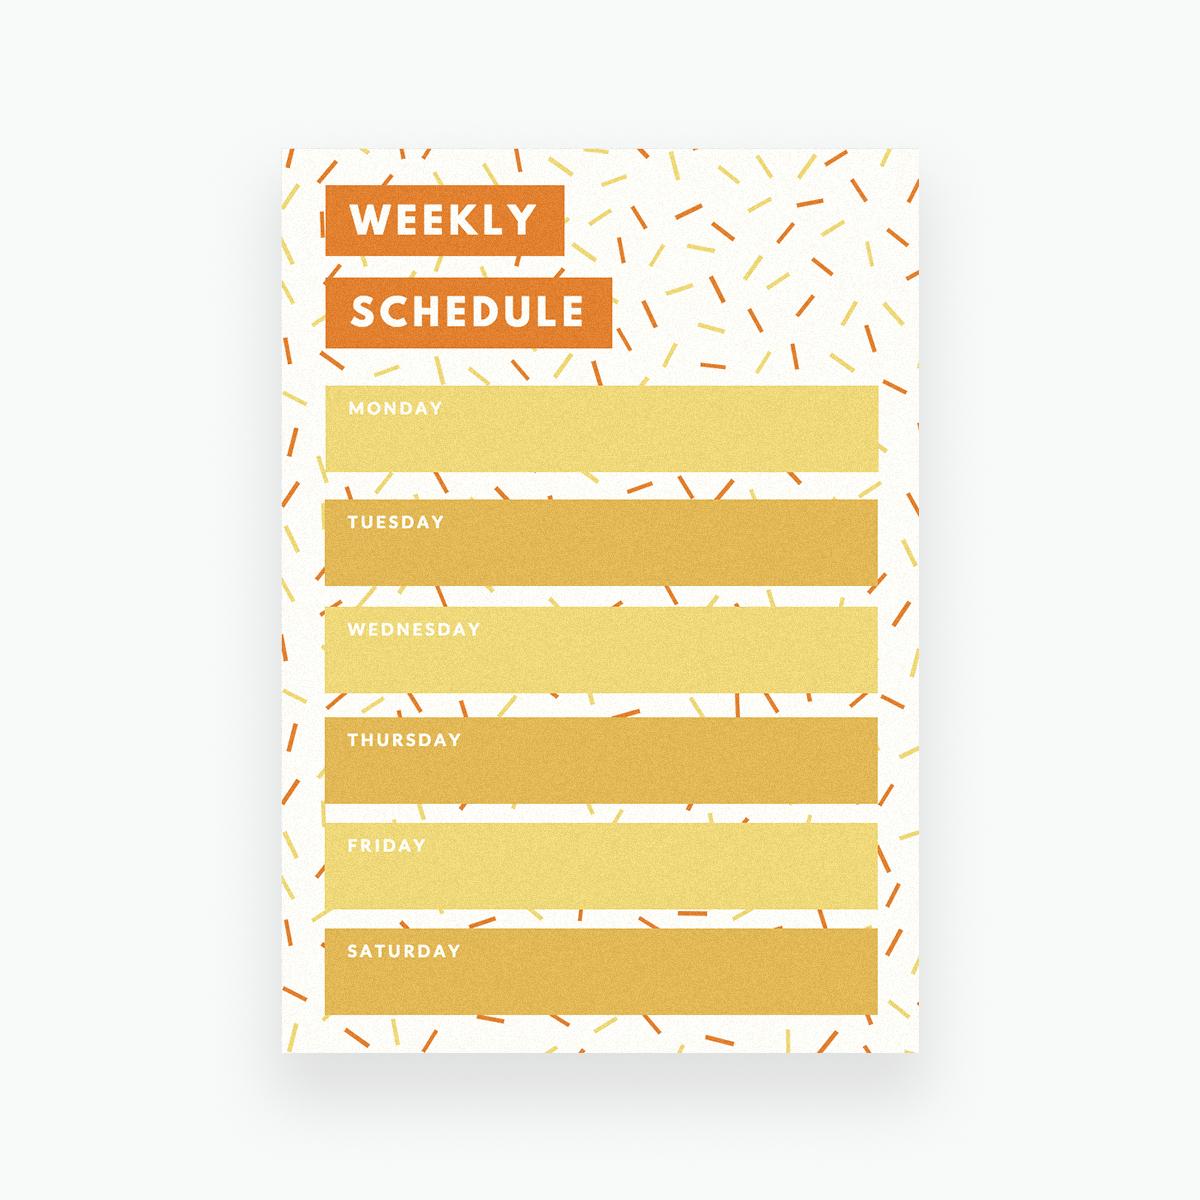 schedule template aesthetic  ออกแบบตารางรายสัปดาห์ ด้วยดีไซน์ของคุณเอง ฟรี | Canva - schedule template aesthetic